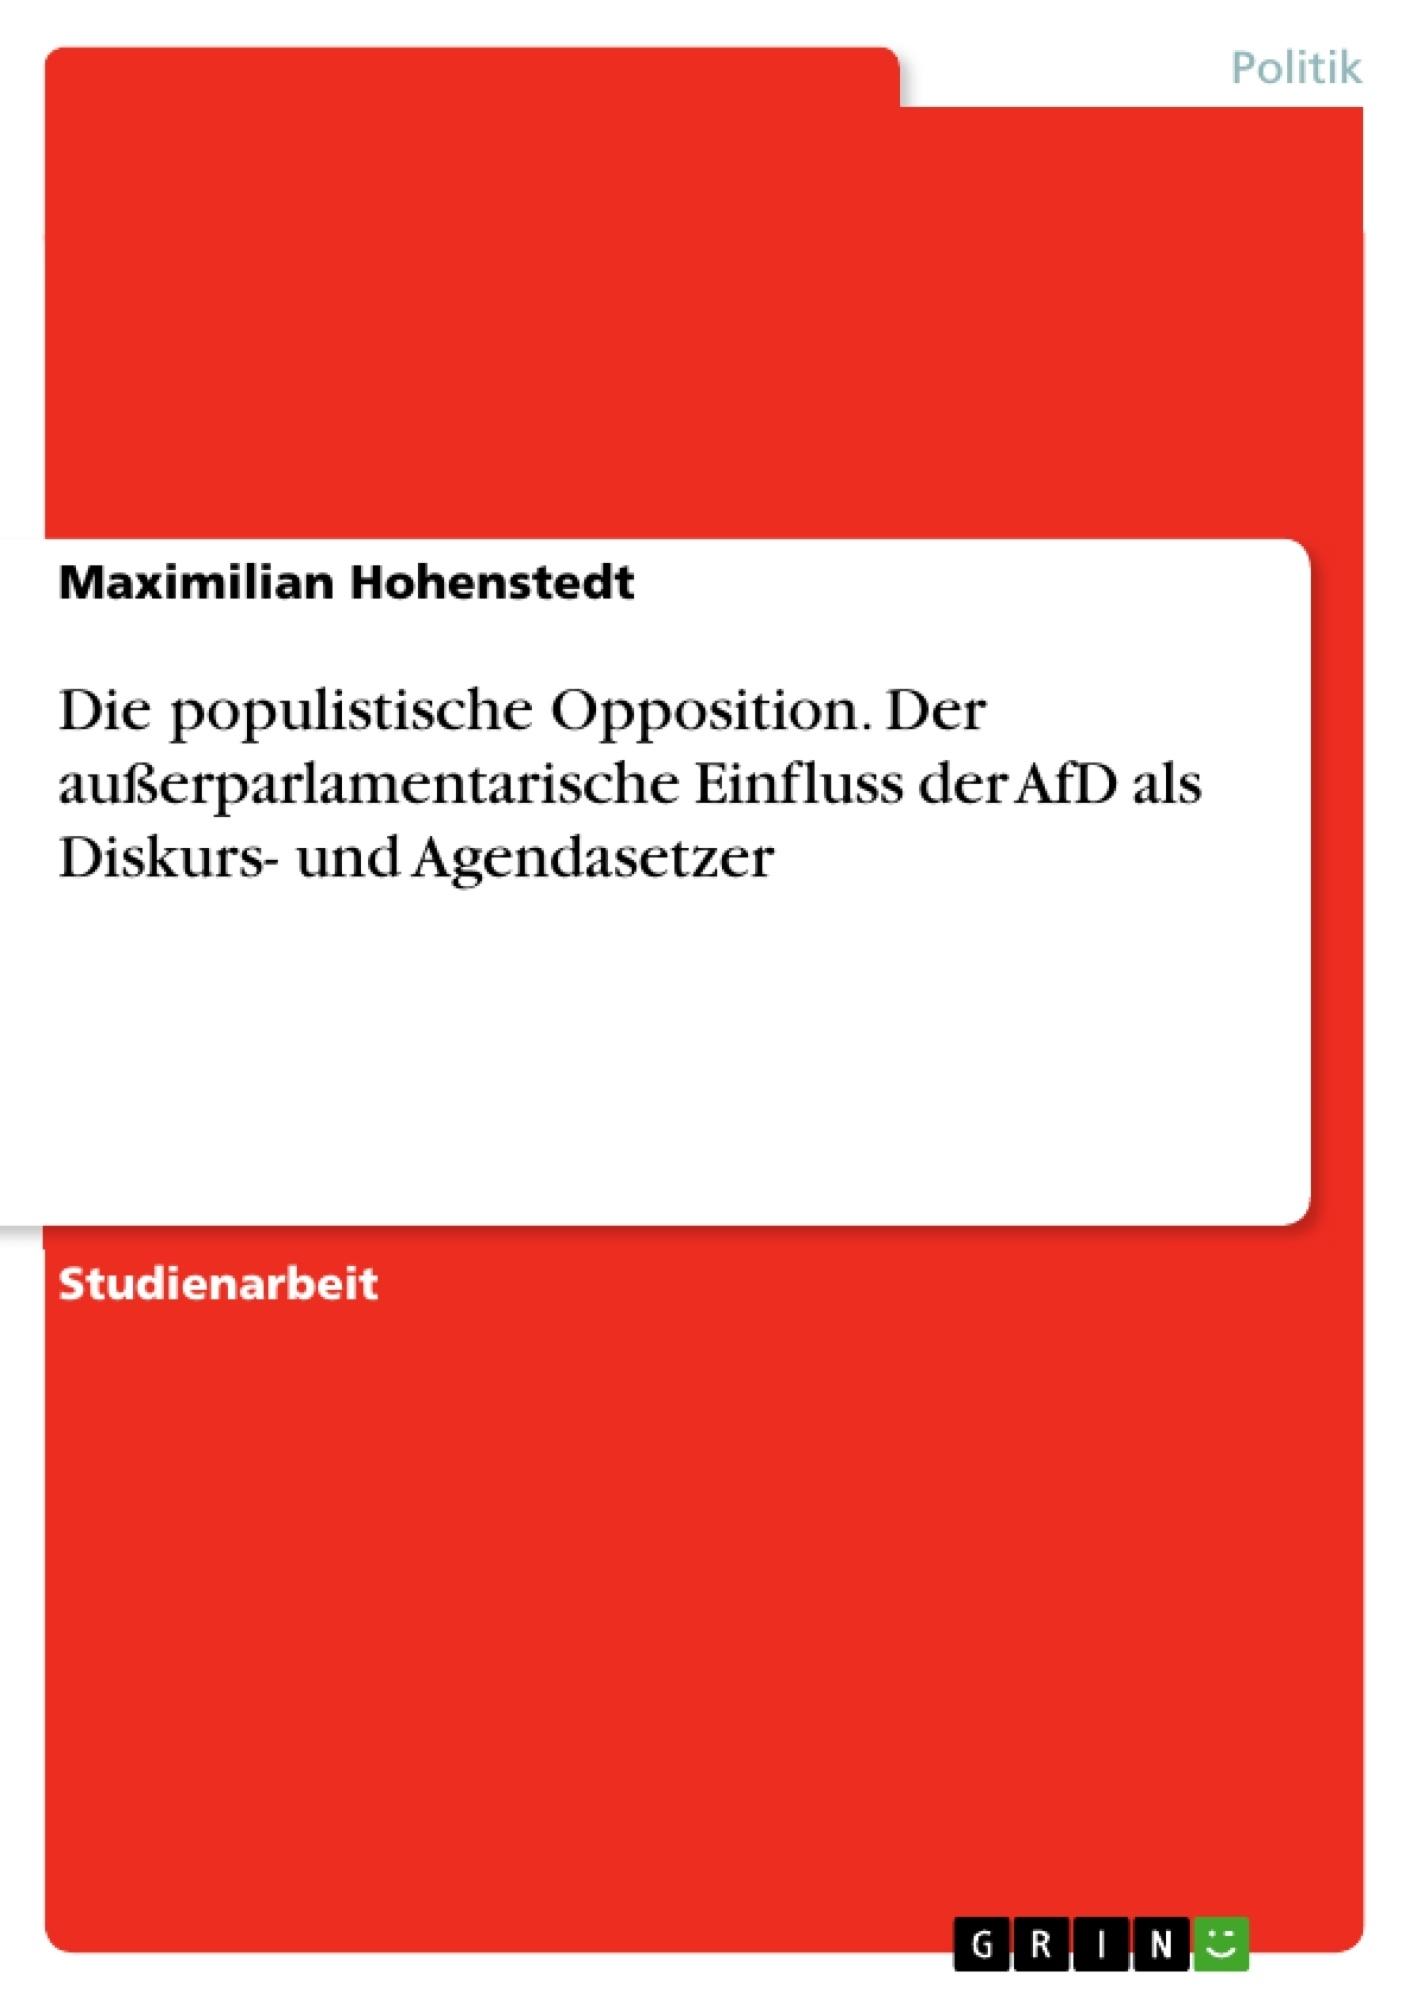 Titel: Die populistische Opposition. Der außerparlamentarische Einfluss der AfD als Diskurs- und Agendasetzer